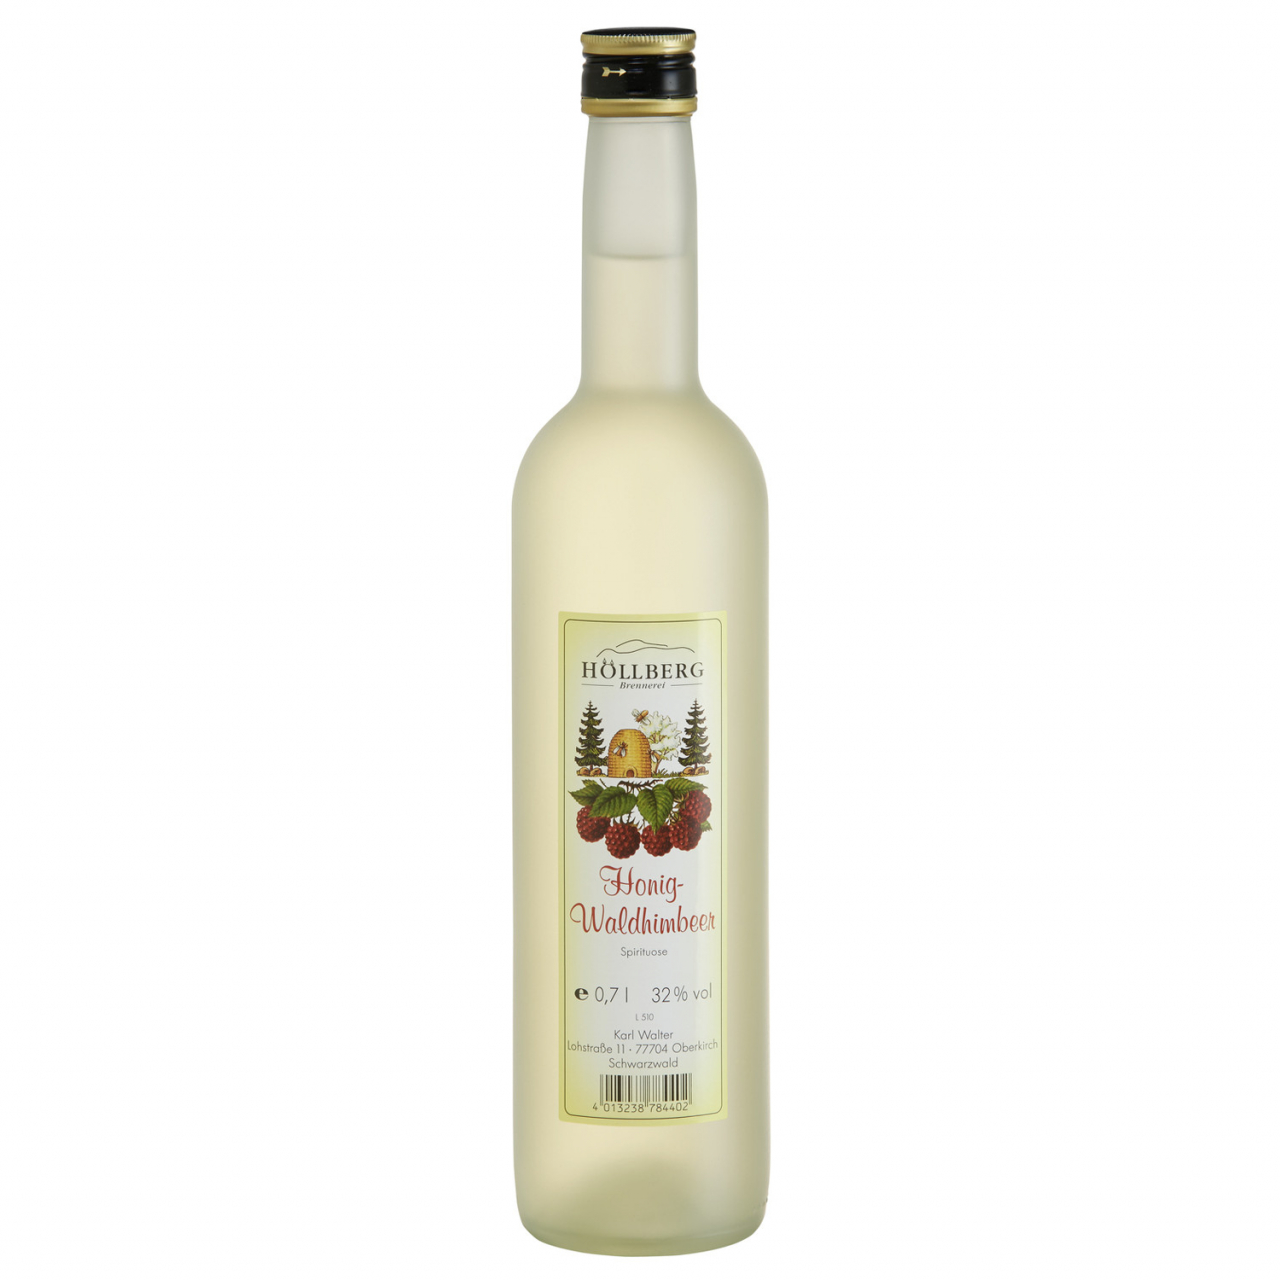 0,7 Liter Flasche Höllberg Honig Waldhimeer